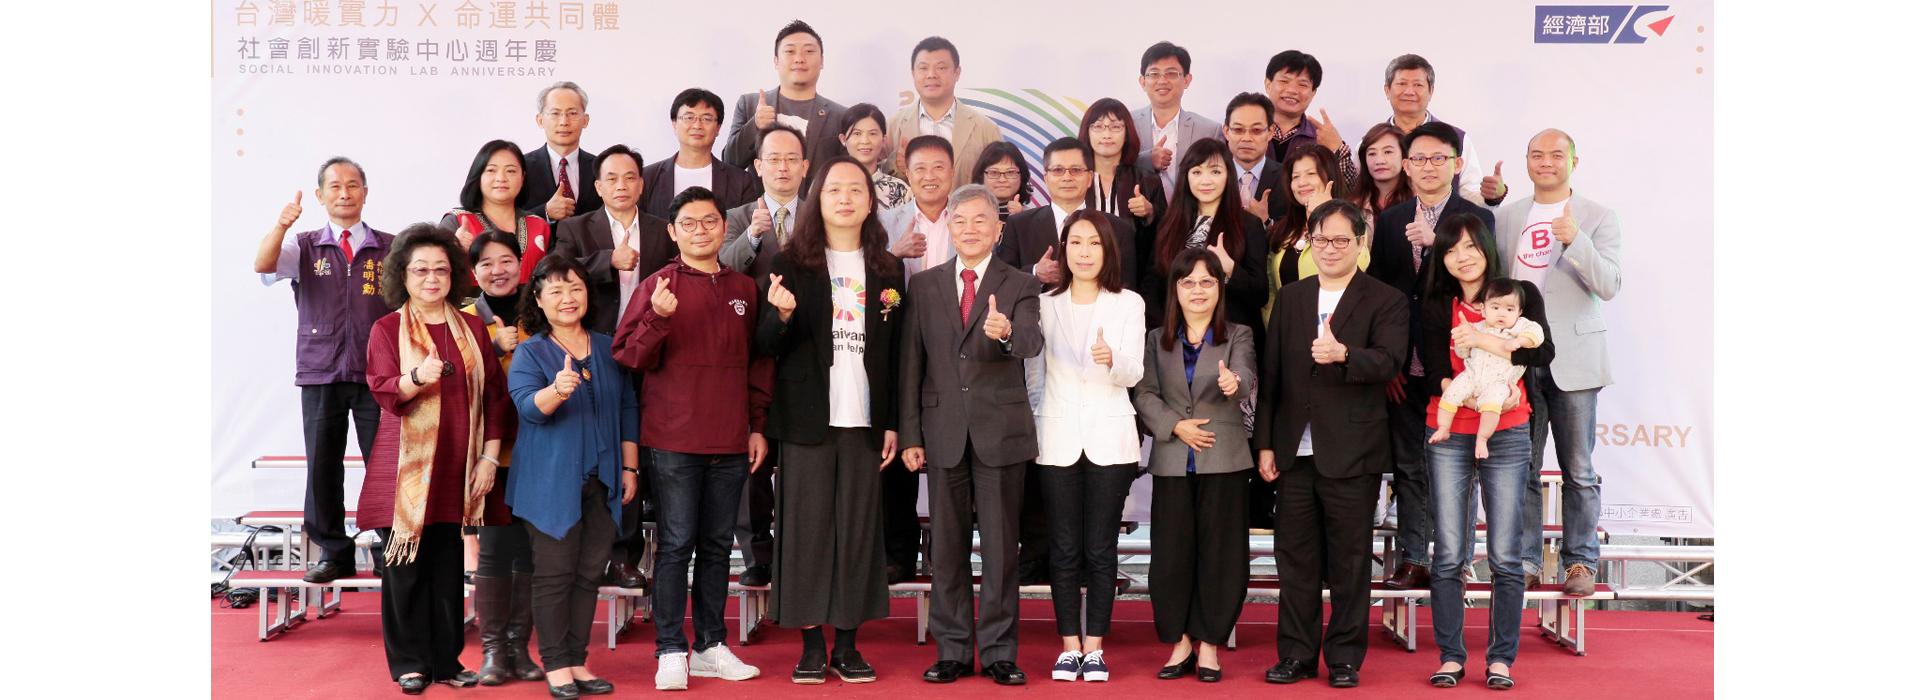 臺灣社會創新暖實力旗艦-社會創新實驗中心週年慶